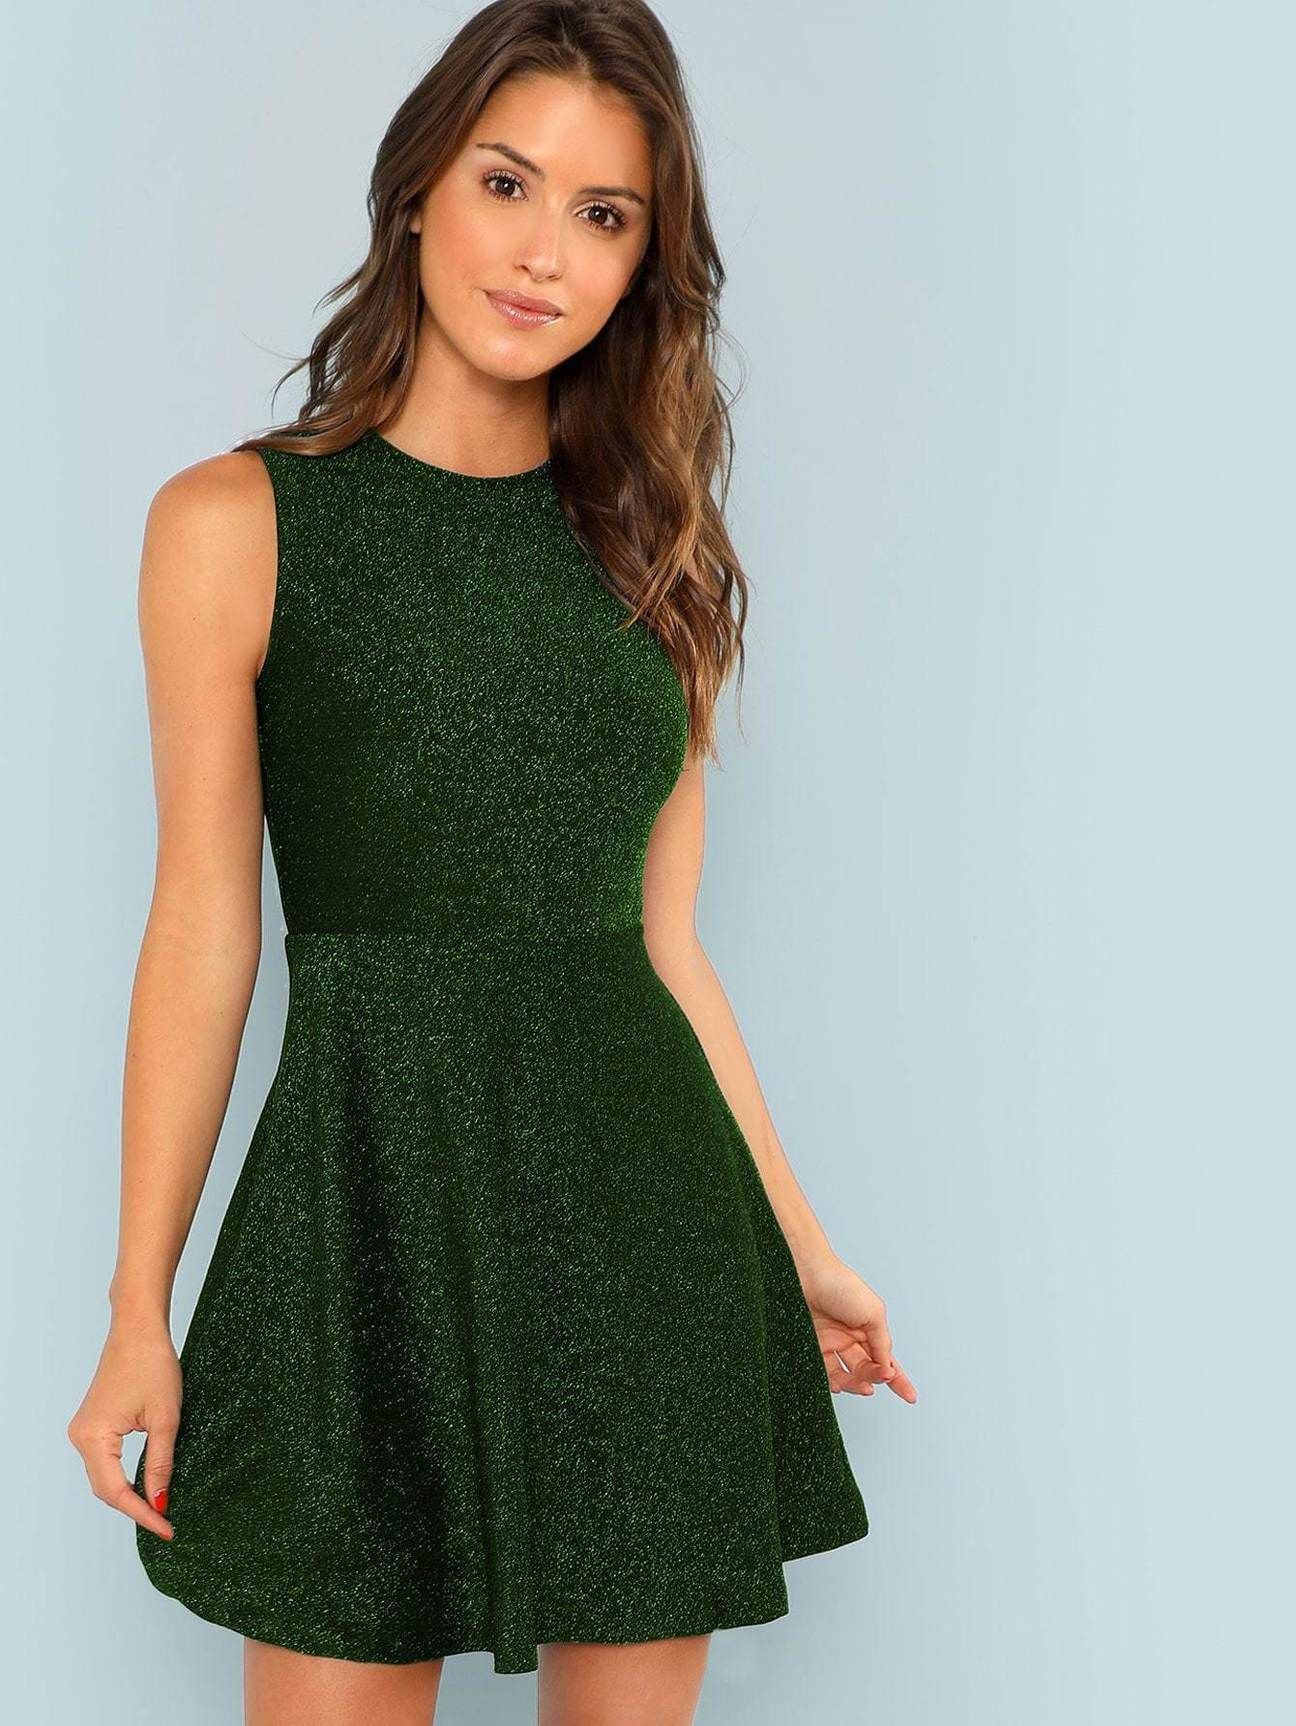 d383497b2f Compra ropa para mujer en tallas grandes y regulares. Vendemos tal por mayor  con los